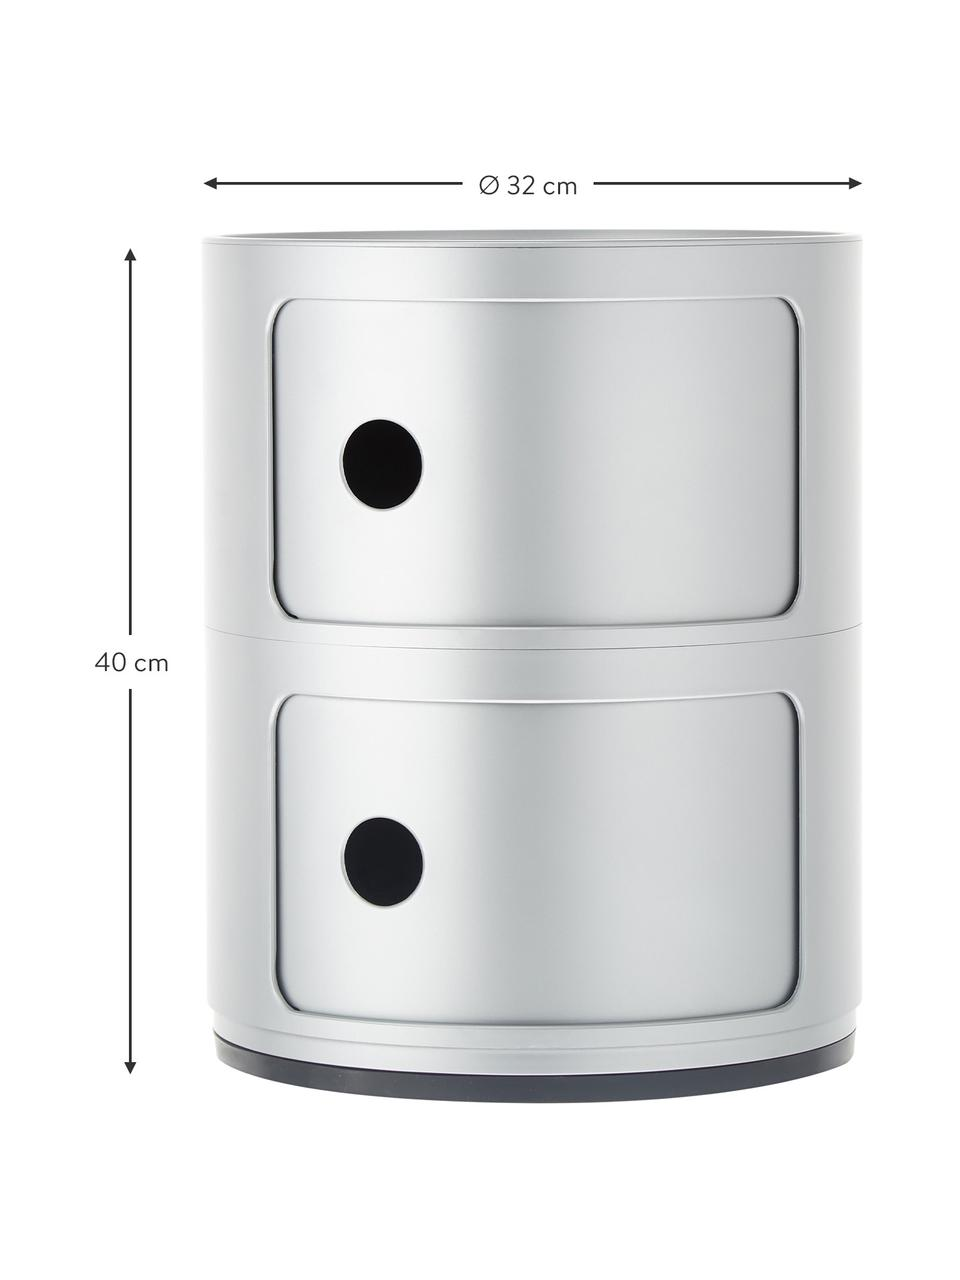 Comodino contenitore di design con 3 cassetti Componibili, Materiale sintetico (ABS), verniciato, Argentato, Ø 32 x Alt. 40 cm